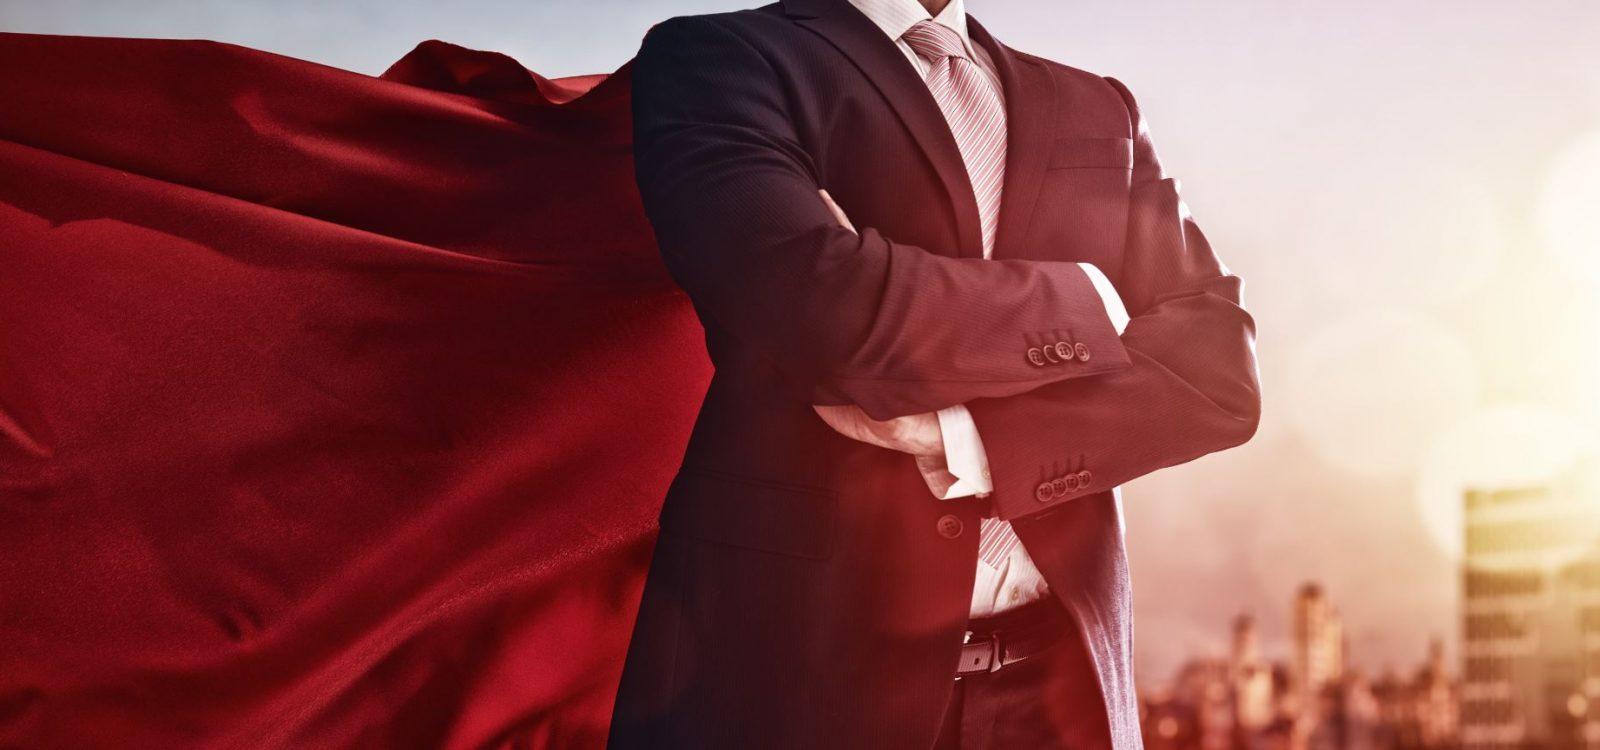 12 Things Good Bosses Believe